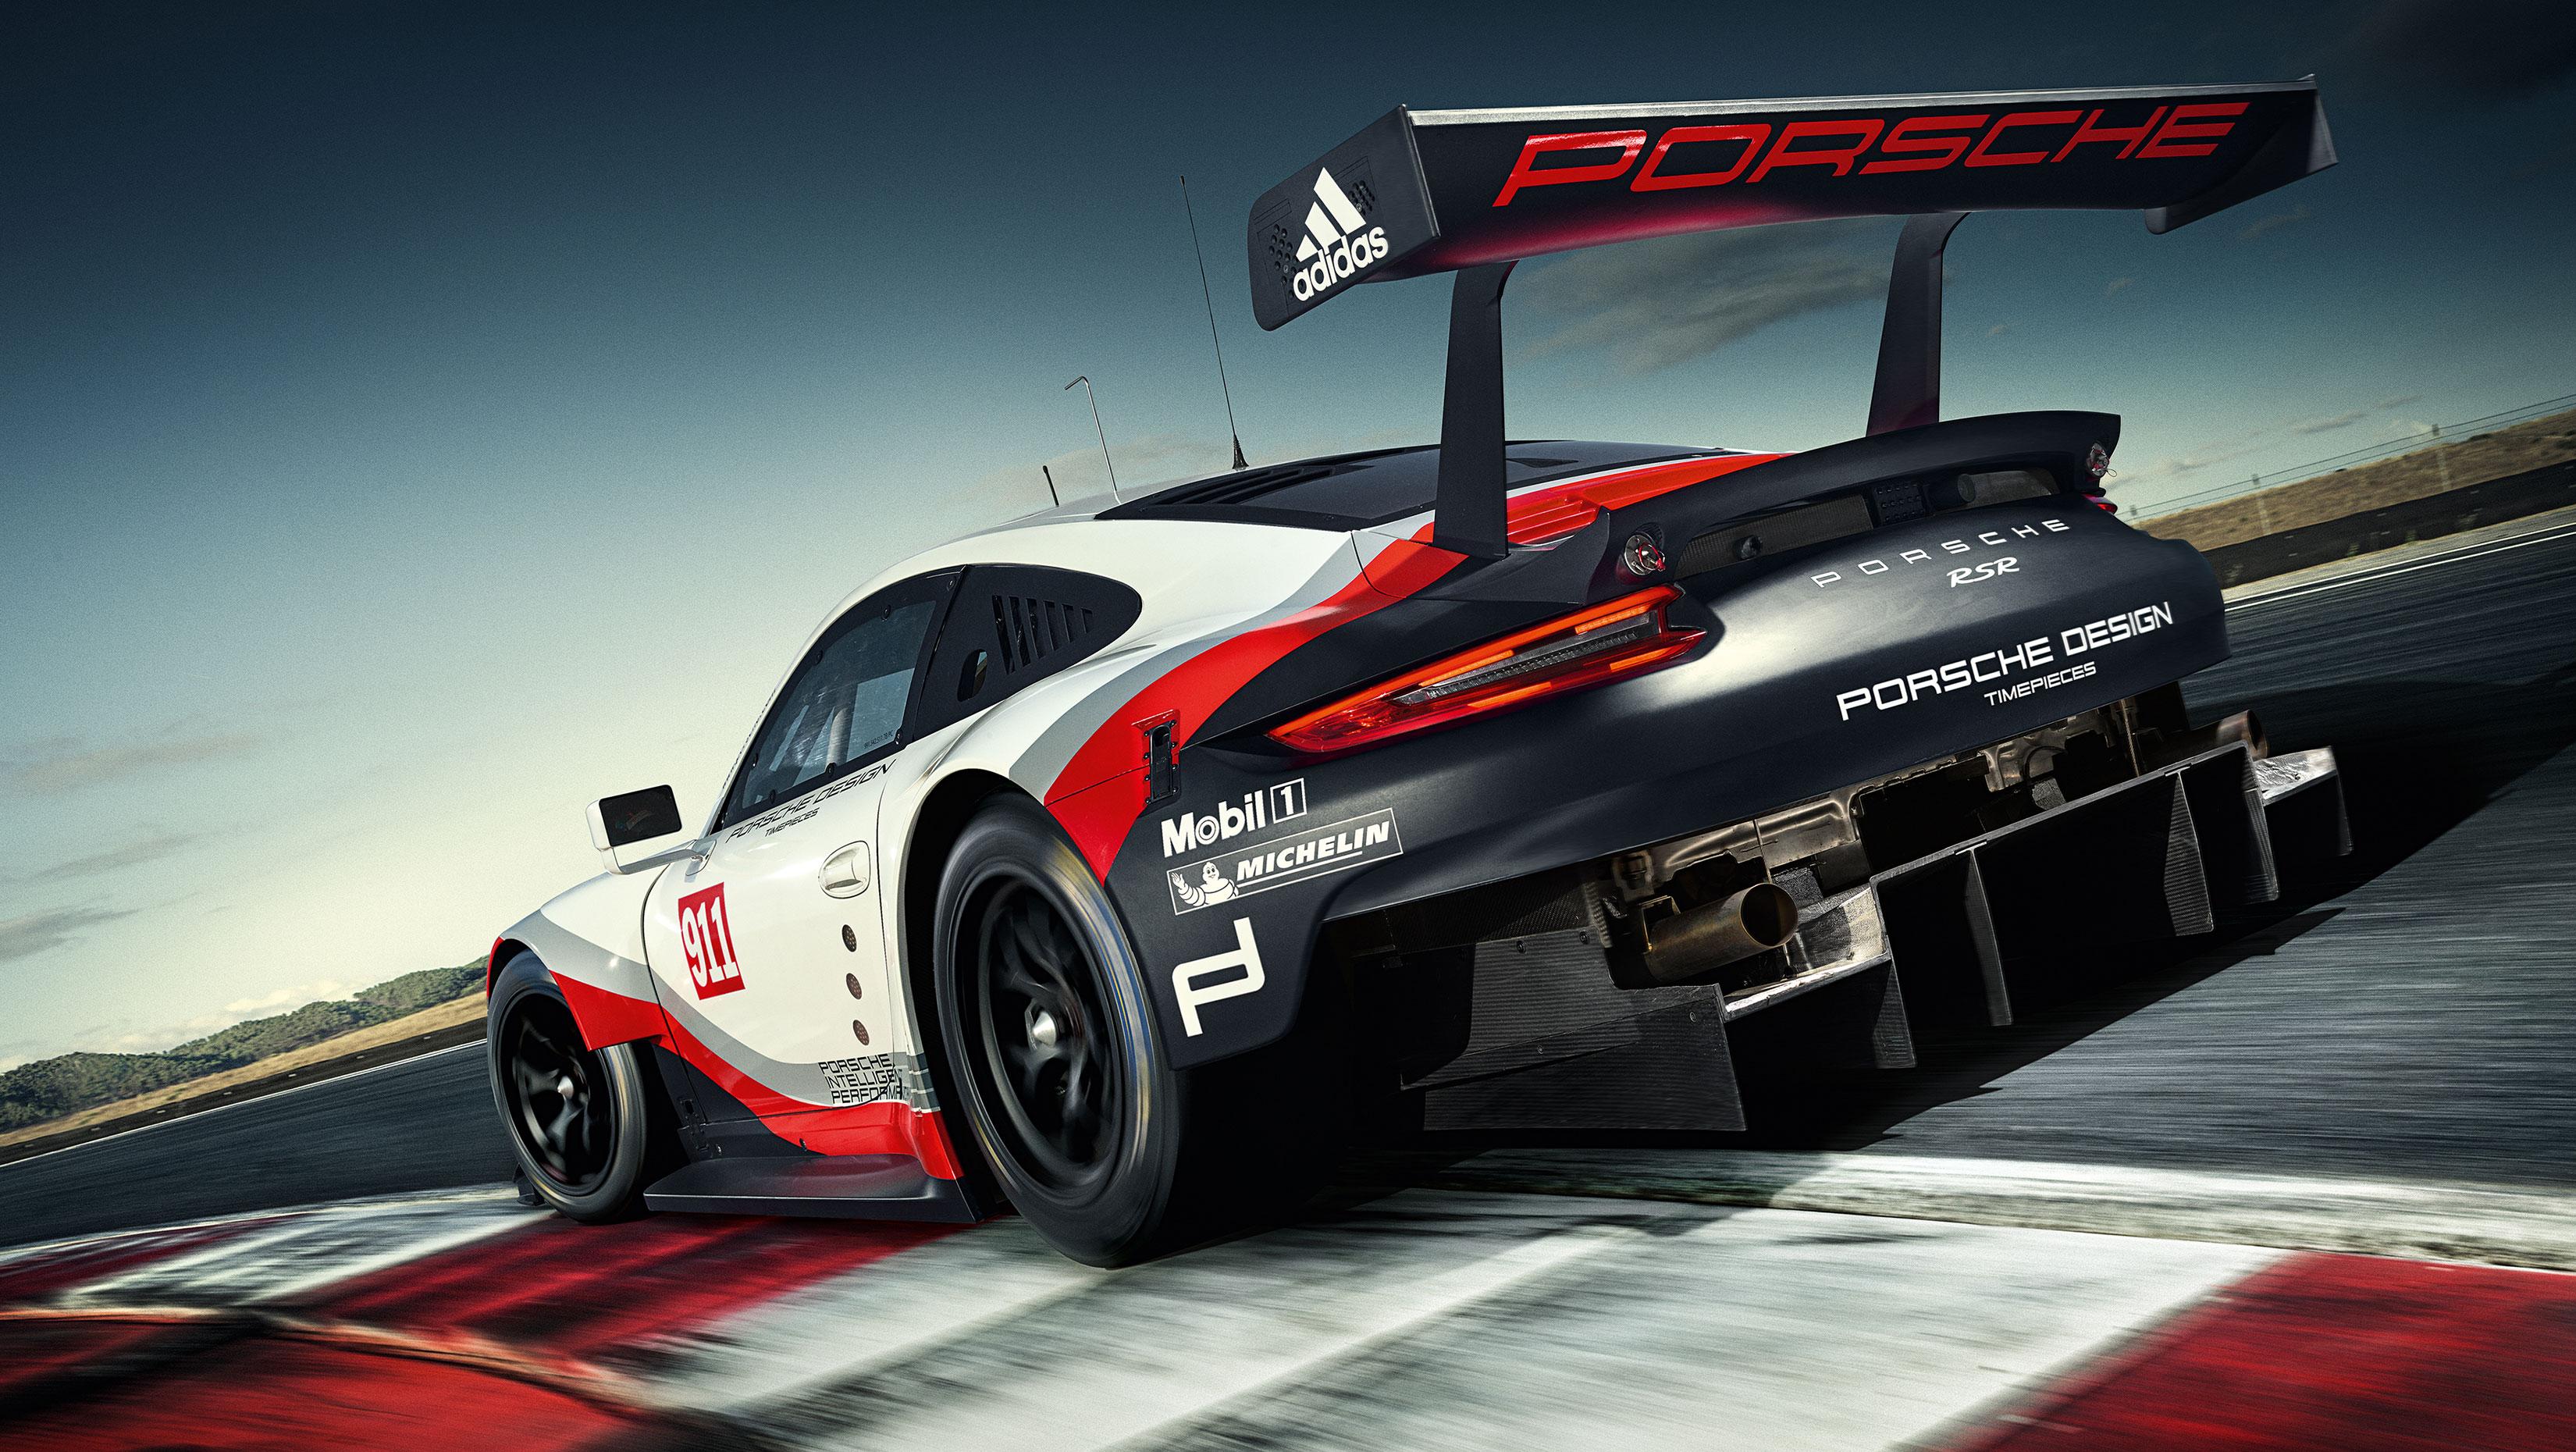 Porsche 911 RSR - 2017 - rear / arrière - on track / sur circuit